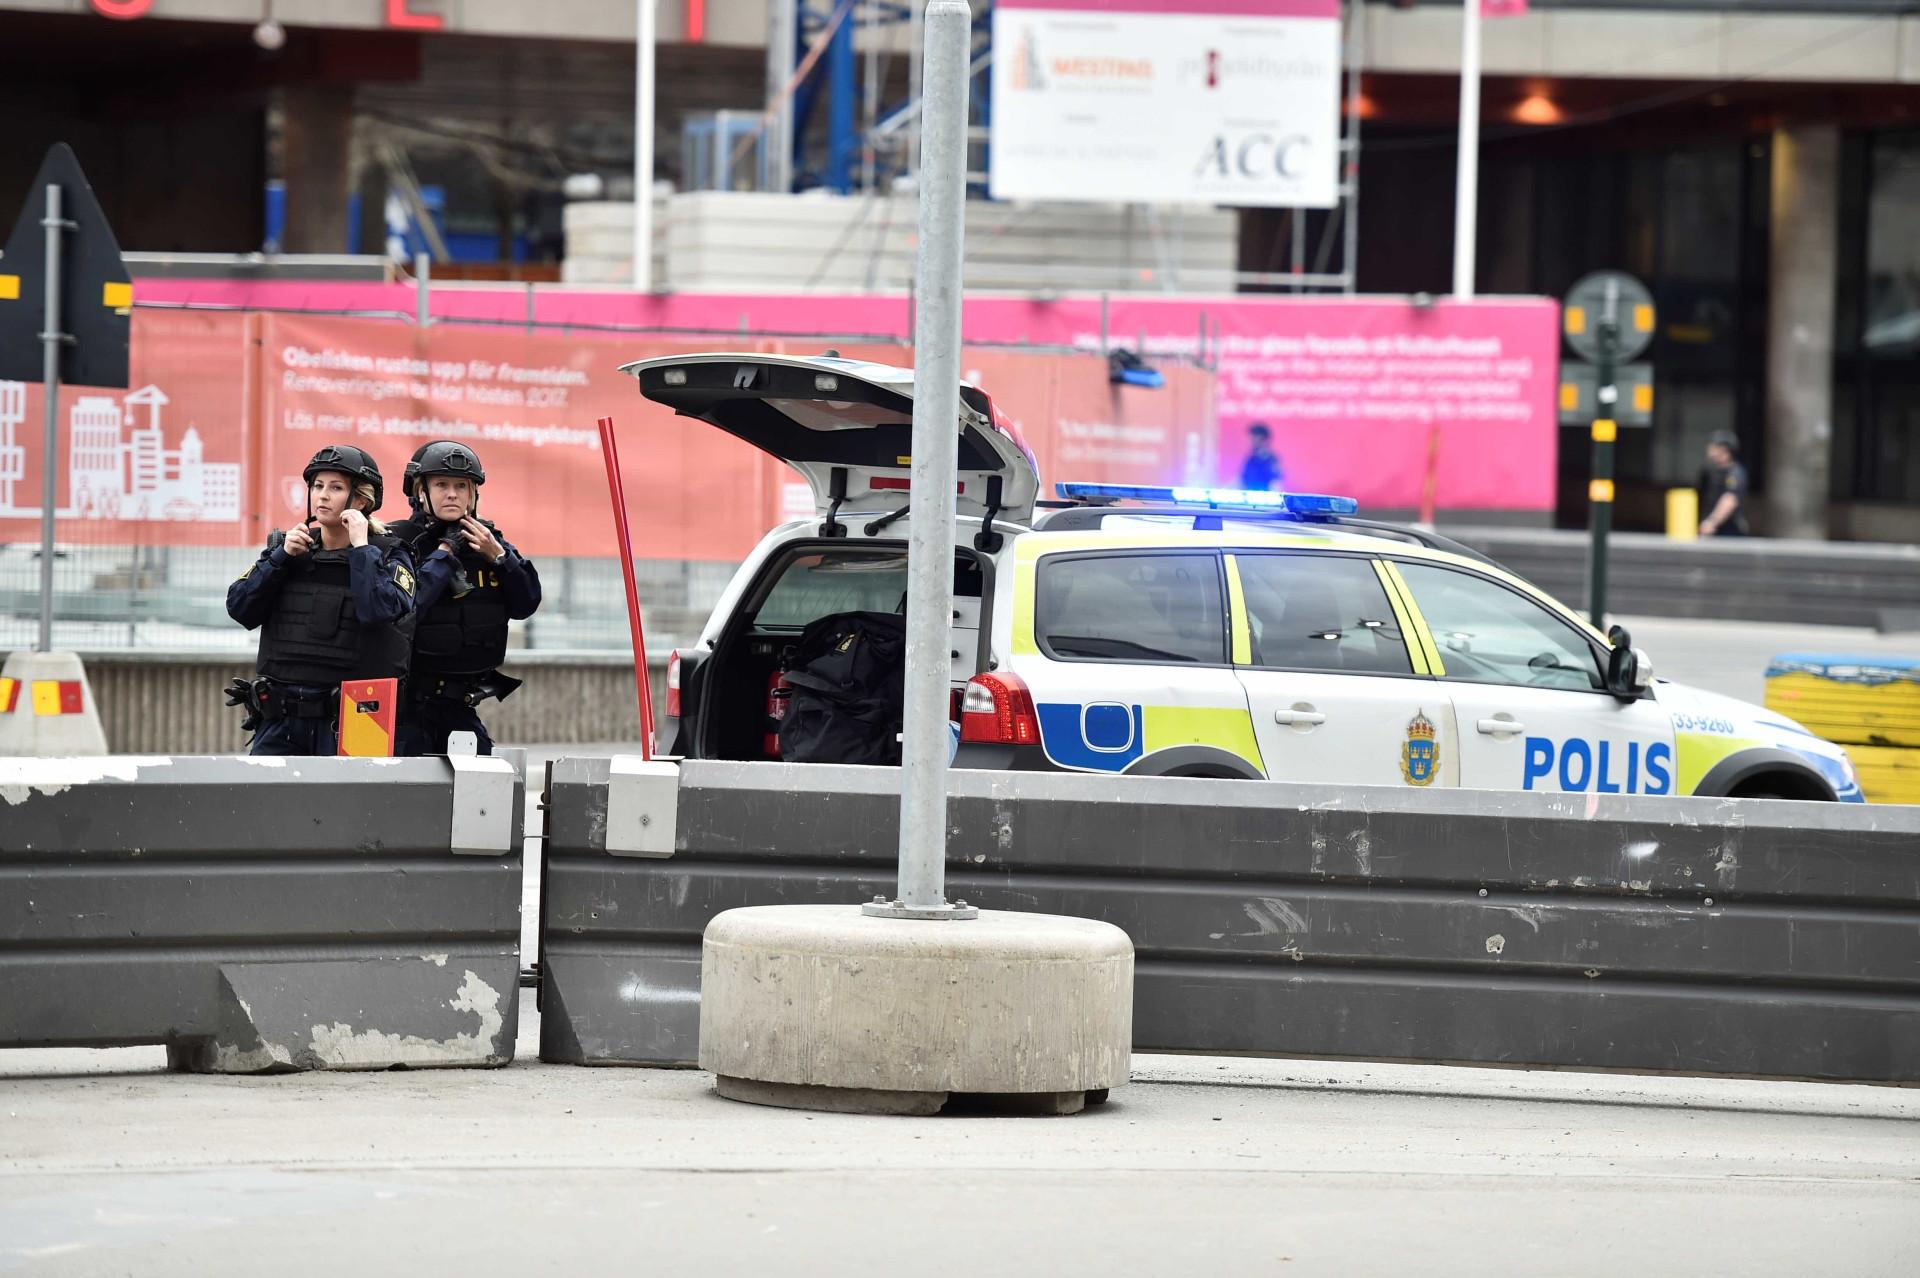 Ataque Escola Suzano Gallery: Veja Os Momentos De Tensão Após O Ataque Em Estocolmo